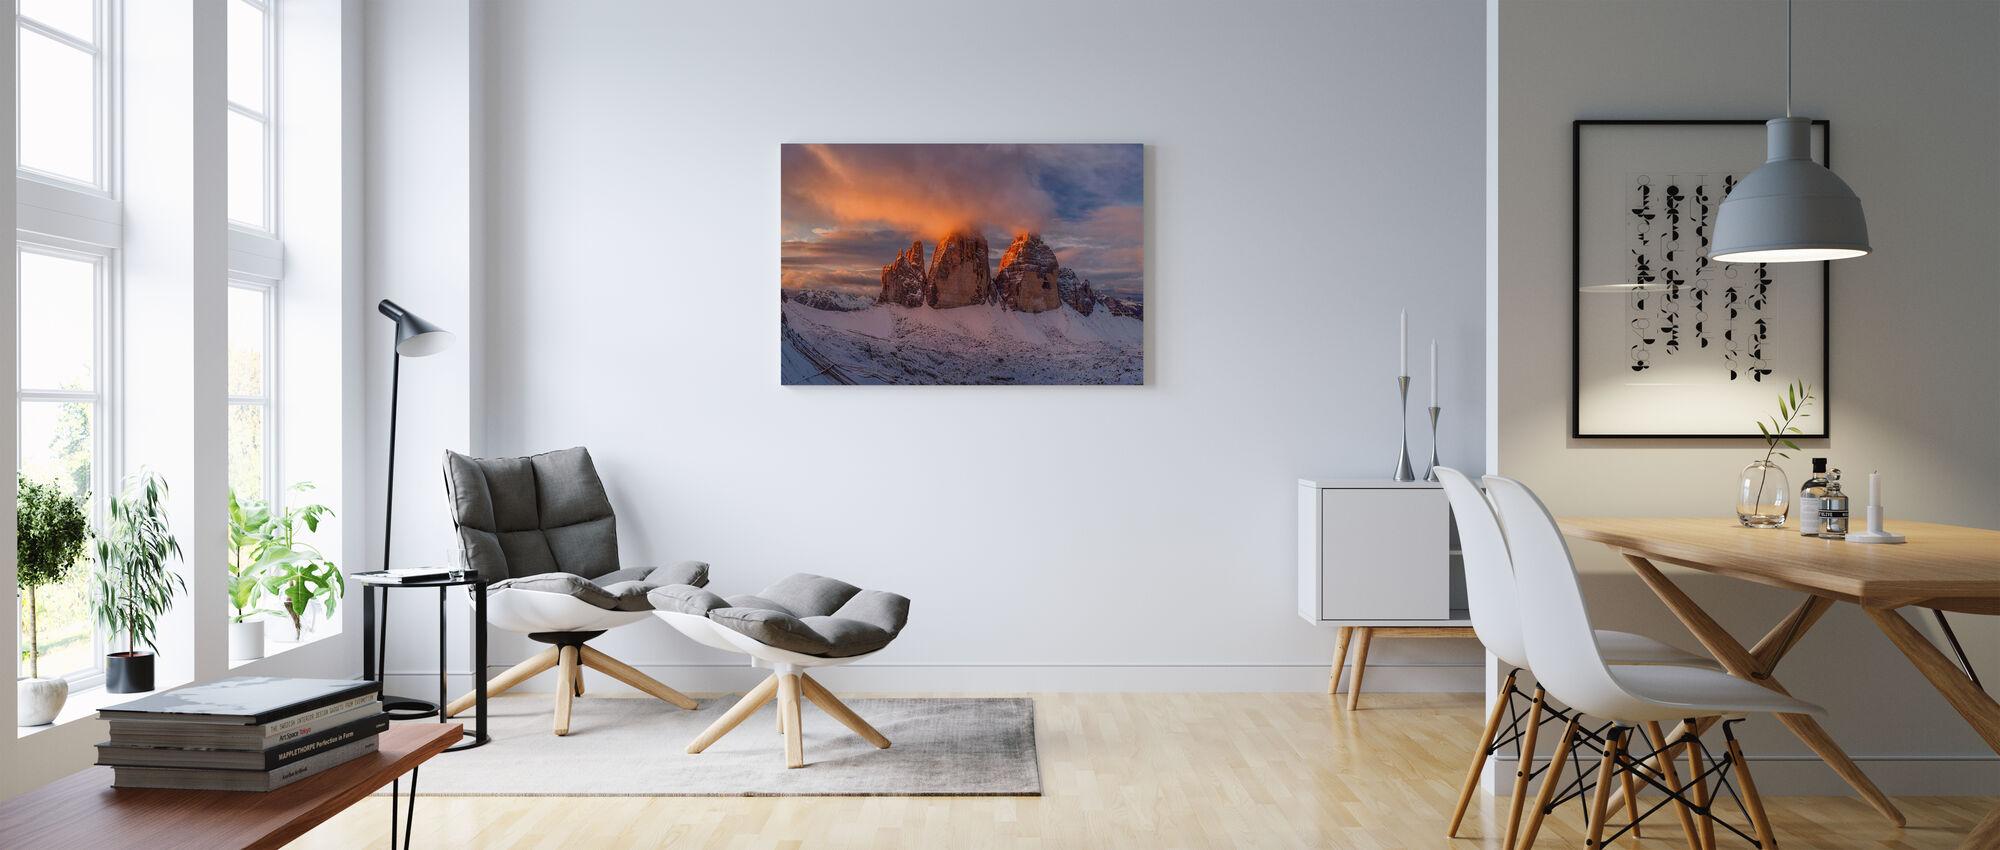 Het verhaal van de ene zonsopgang - Canvas print - Woonkamer